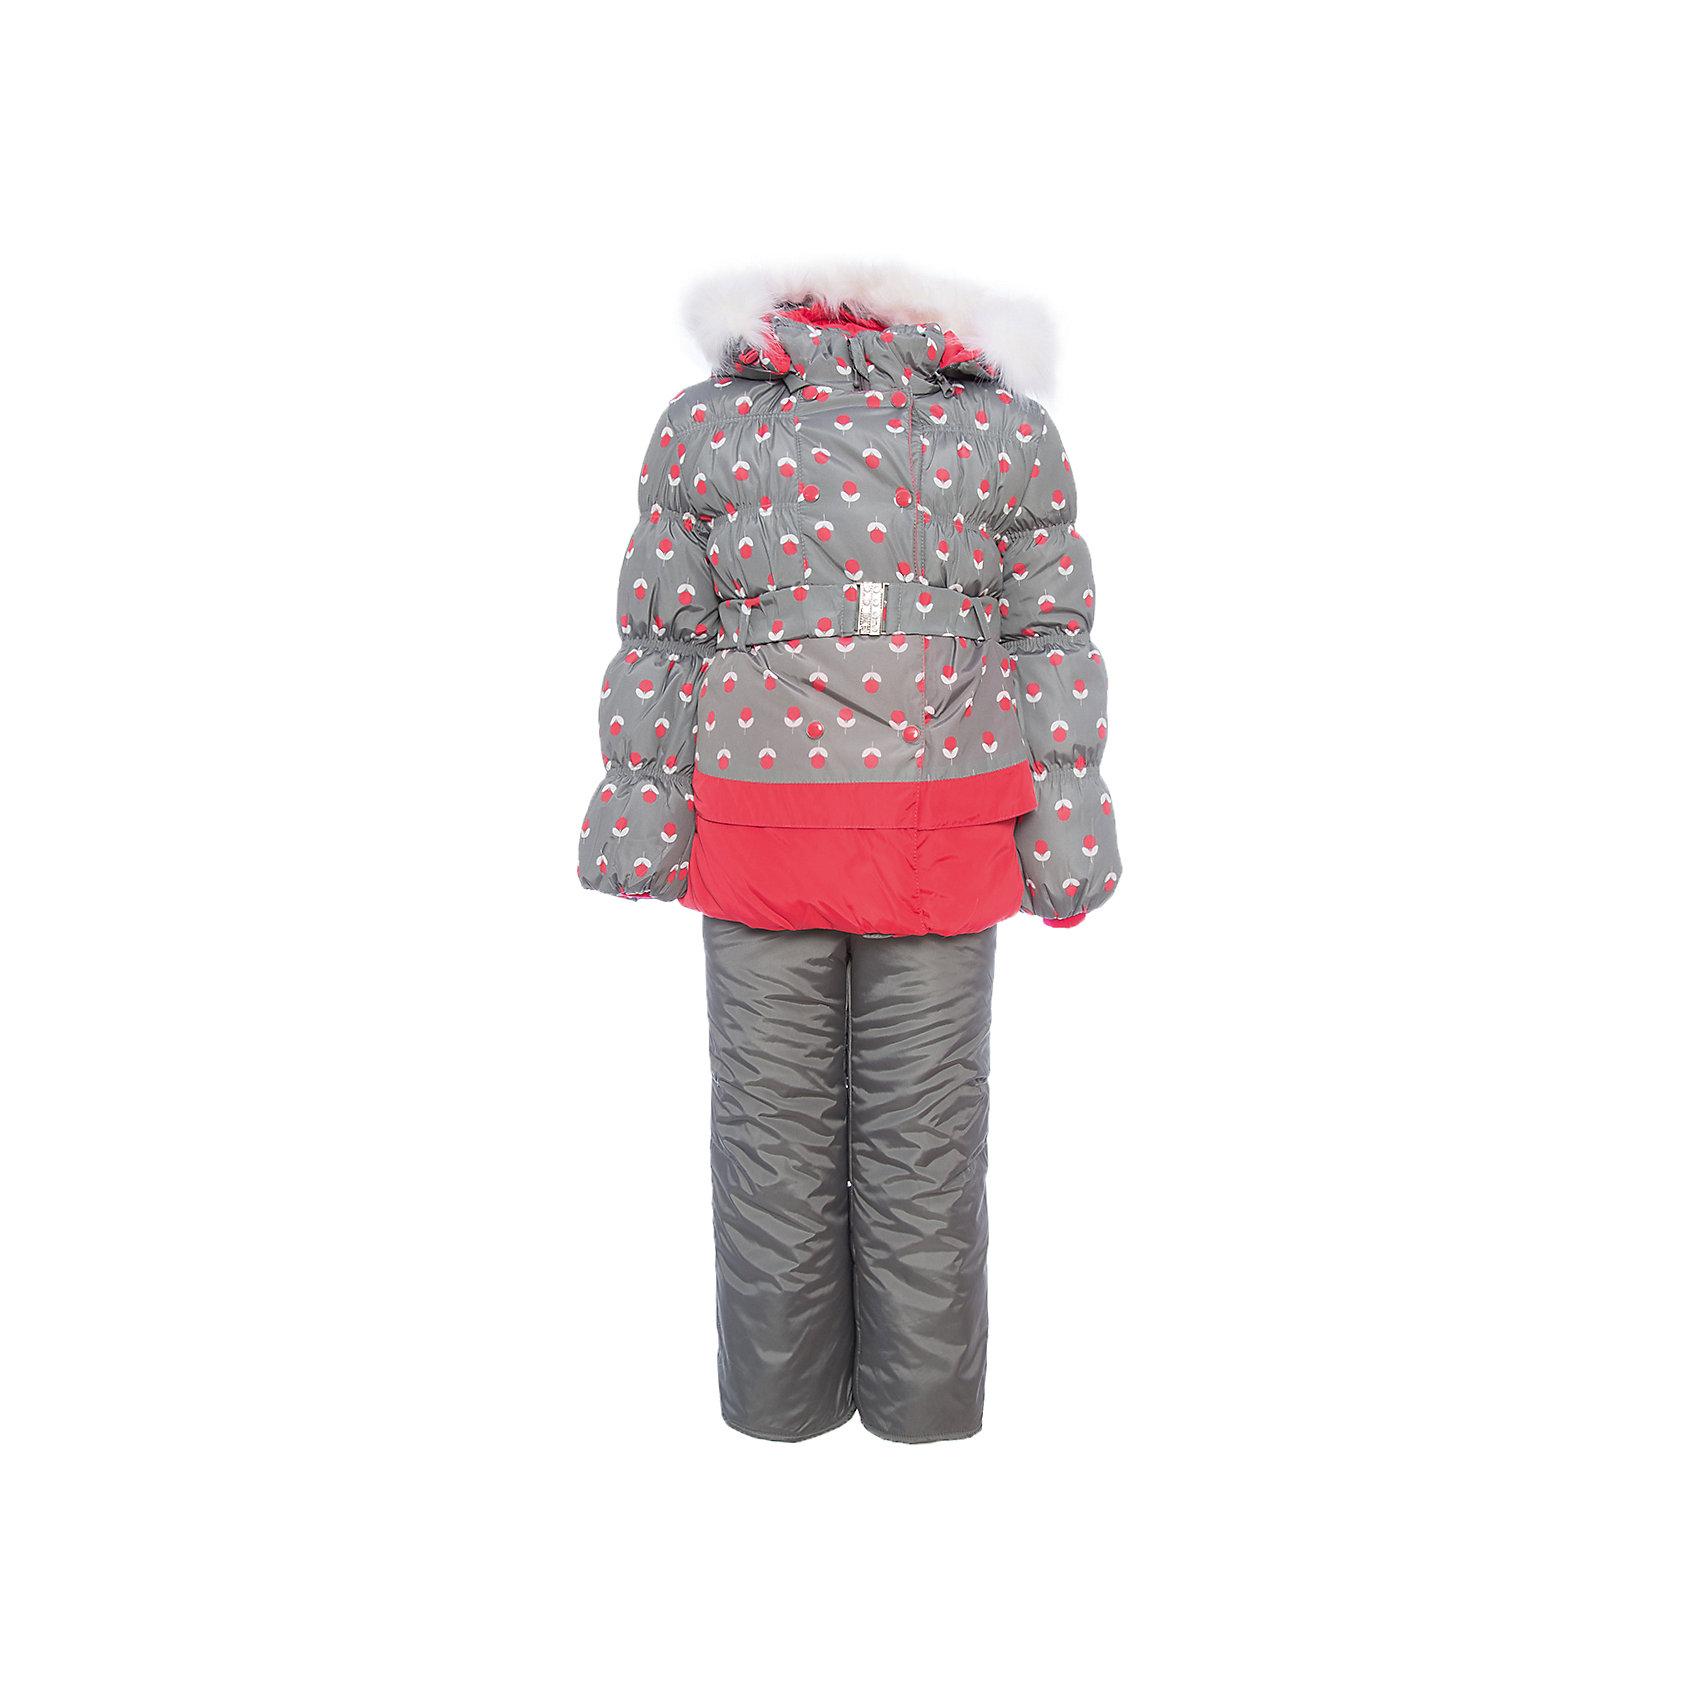 Комплект: куртка и полукомбинезон Вишня OLDOS для девочкиВерхняя одежда<br>Характеристики товара:<br><br>• цвет: коричневый<br>• комплектация: куртка и полукомбинезон<br>• состав ткани: 100% полиэстер, пропитка Teflon<br>• подкладка: хлопок, полиэстер<br>• утеплитель: Hollofan 250/200 г/м2<br>• подстежка: 60% шерсть, 40% полиэстер<br>• сезон: зима<br>• температурный режим: от -35 до 0<br>• застежка: молния<br>• капюшон: с мехом, съемный<br>• подстежка в комплекте<br>• страна бренда: Россия<br>• страна изготовитель: Россия<br><br>Теплый комплект для девочки симпатично смотрится и удобно сидит. Костюм отлично подходит для суровой русской зимы благодаря хорошему утеплителю и пропитке верха от влаги и грязи. Подкладка зимнего комплекта сделана из хлопка и полиэстера, приятных на ощупь. Зимний костюм для девочки дополнен элементами, помогающими скорректировать размер точно под ребенка. <br><br>Комплект: куртка и полукомбинезон Вишня Oldos (Олдос) для девочки можно купить в нашем интернет-магазине.<br><br>Ширина мм: 356<br>Глубина мм: 10<br>Высота мм: 245<br>Вес г: 519<br>Цвет: коралловый<br>Возраст от месяцев: 48<br>Возраст до месяцев: 60<br>Пол: Женский<br>Возраст: Детский<br>Размер: 110,116,86,92,98,104<br>SKU: 7016862